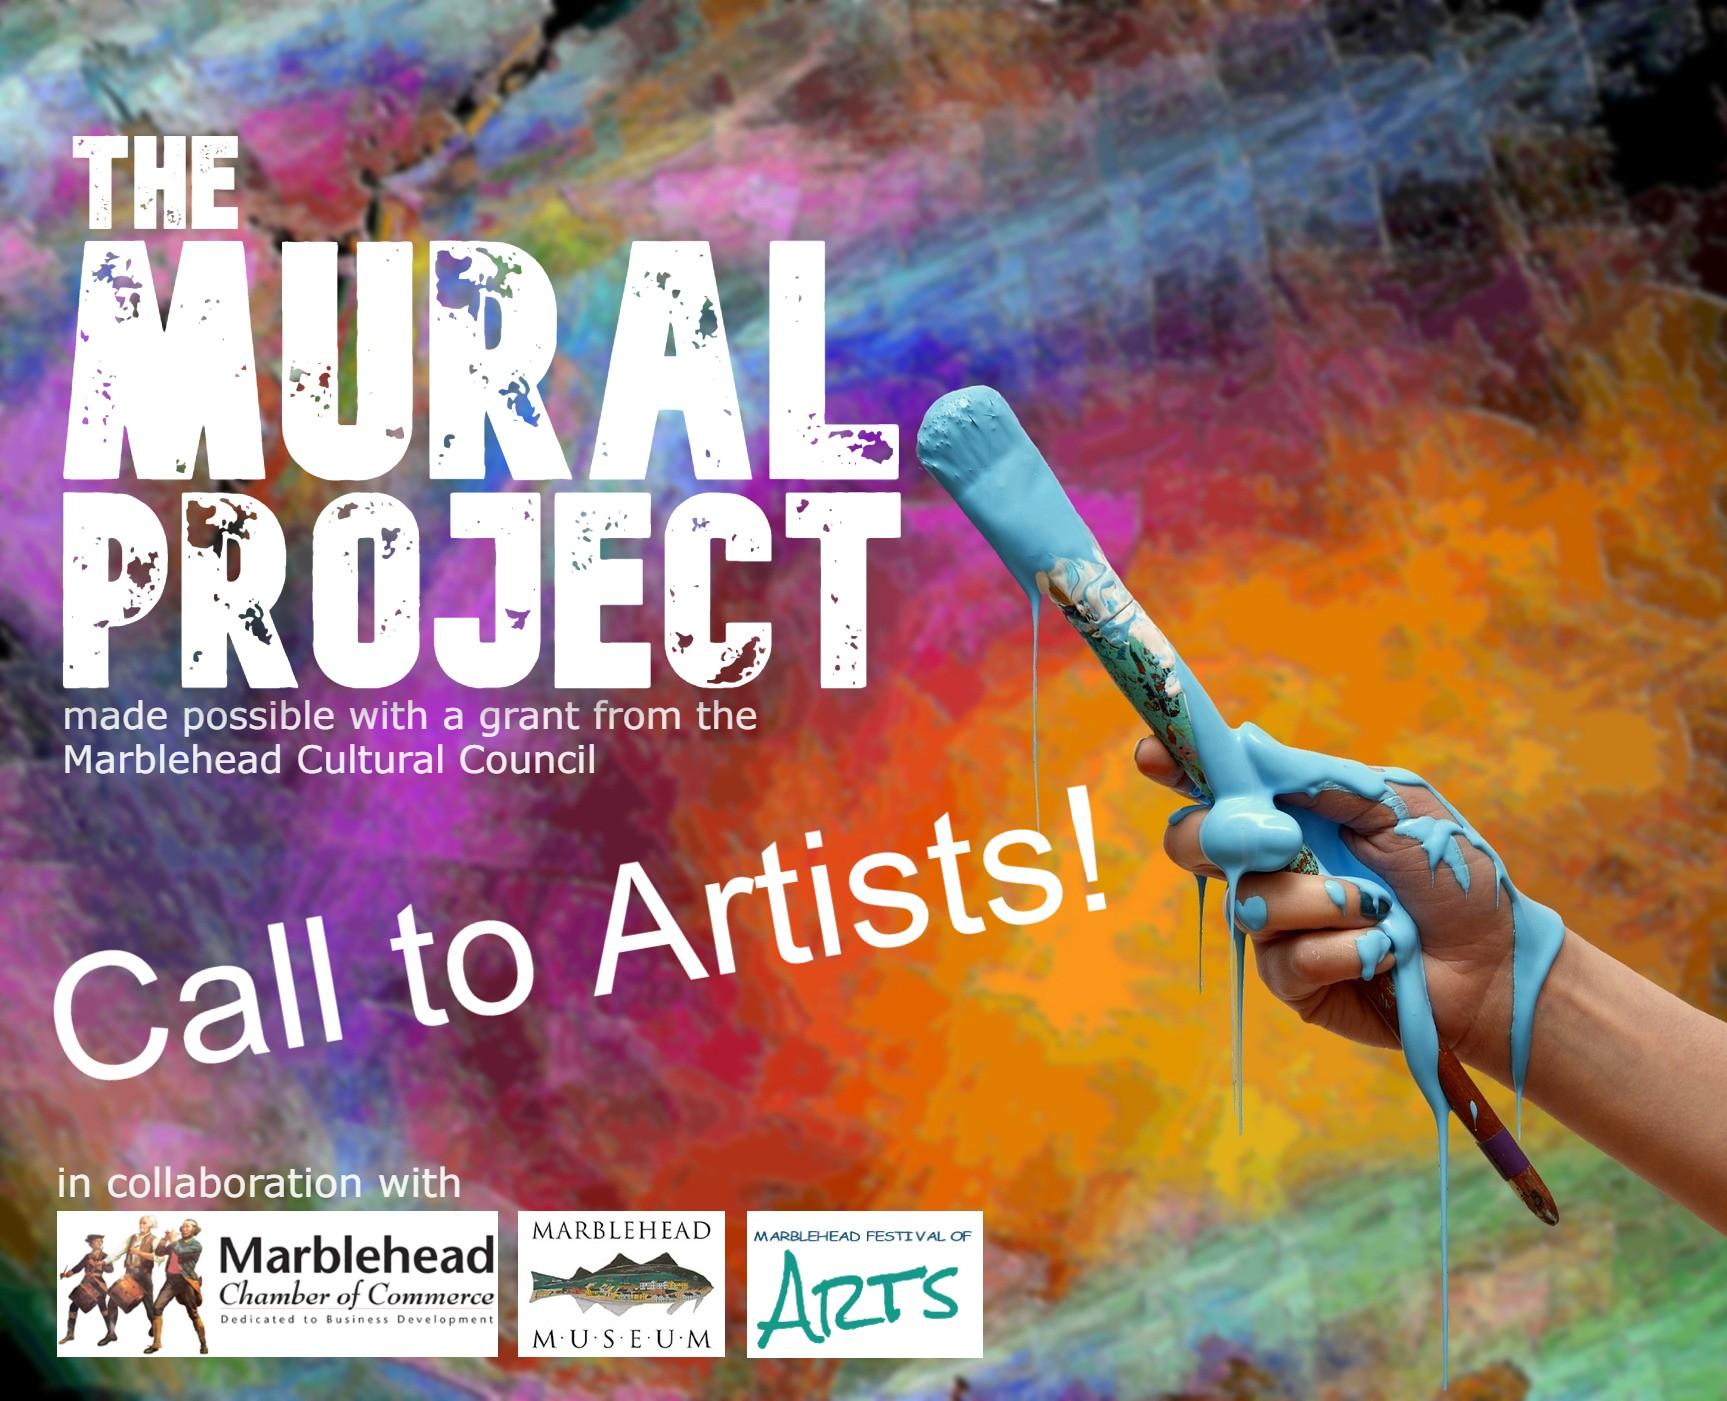 MuralProjectCall2Artists.jpg